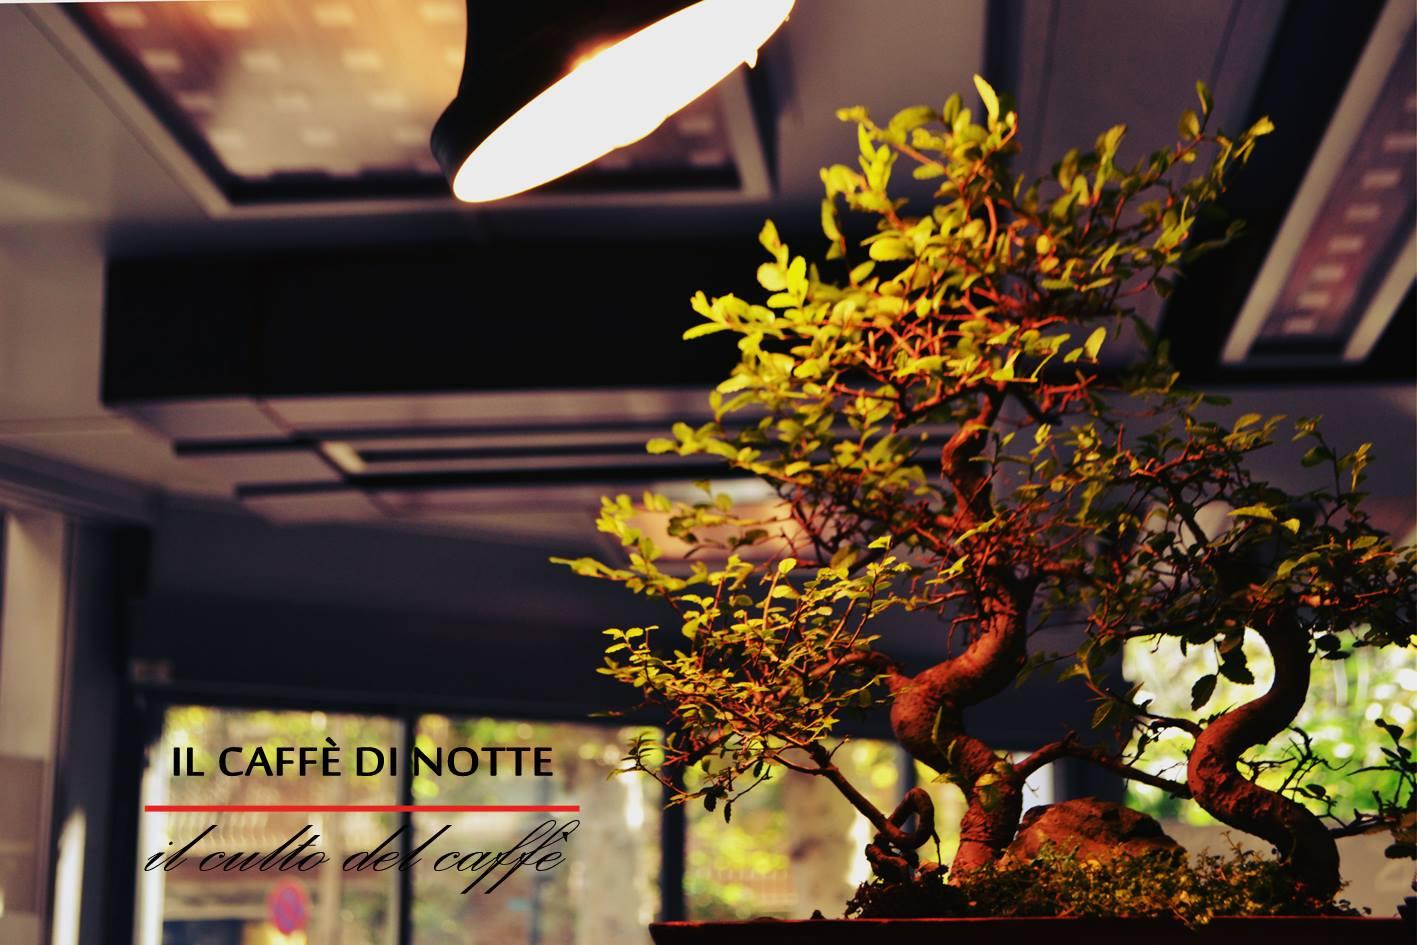 il caffe 33